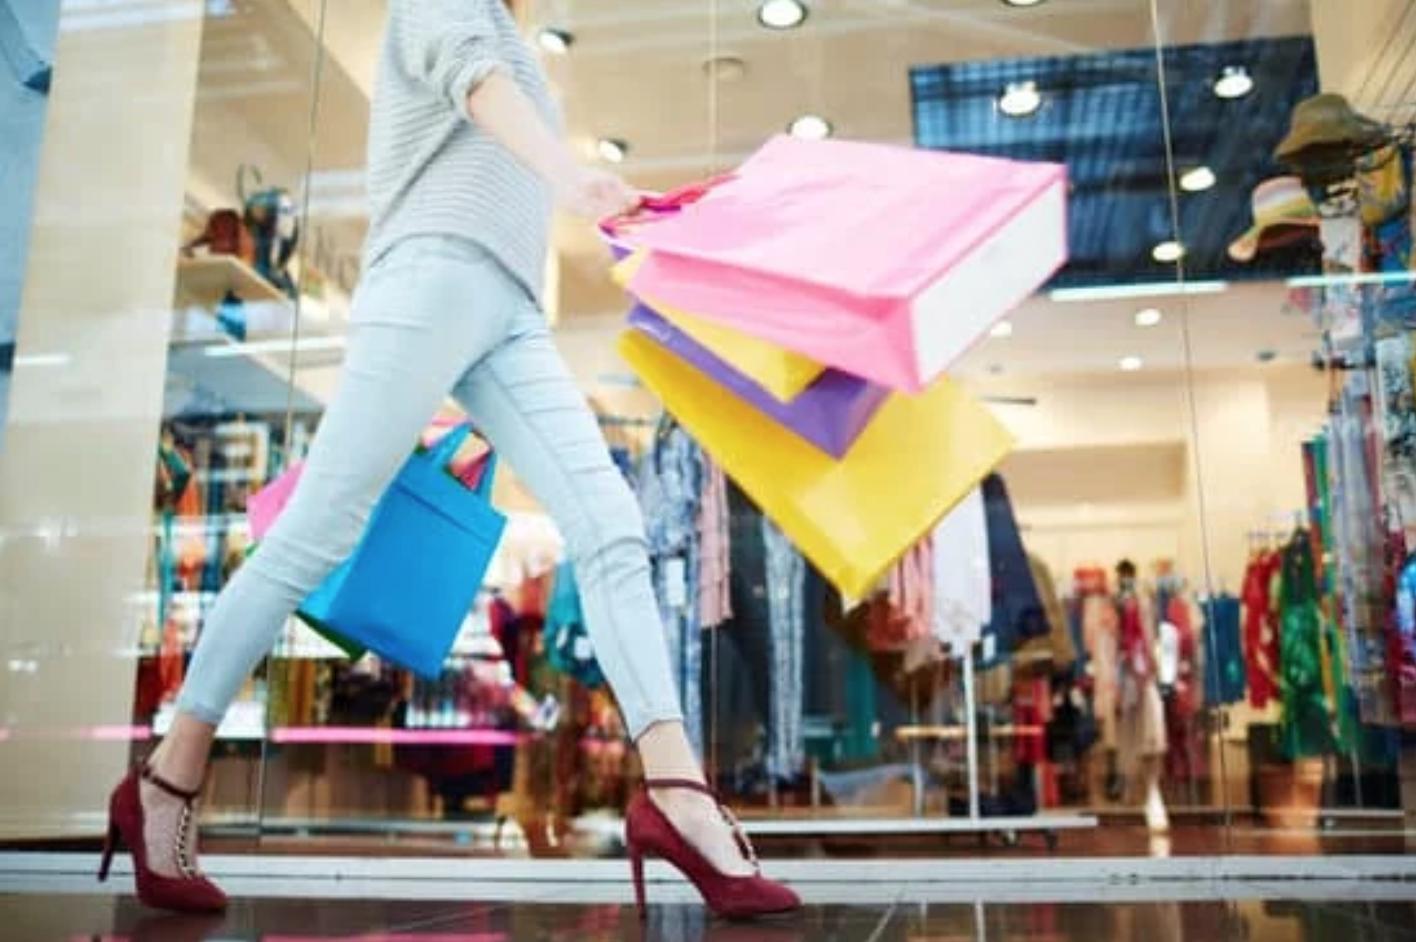 ¡Empiezan las REBAJAS! Pero…¿qué derechos tenemos como consumidor? #CompartirConocimiento